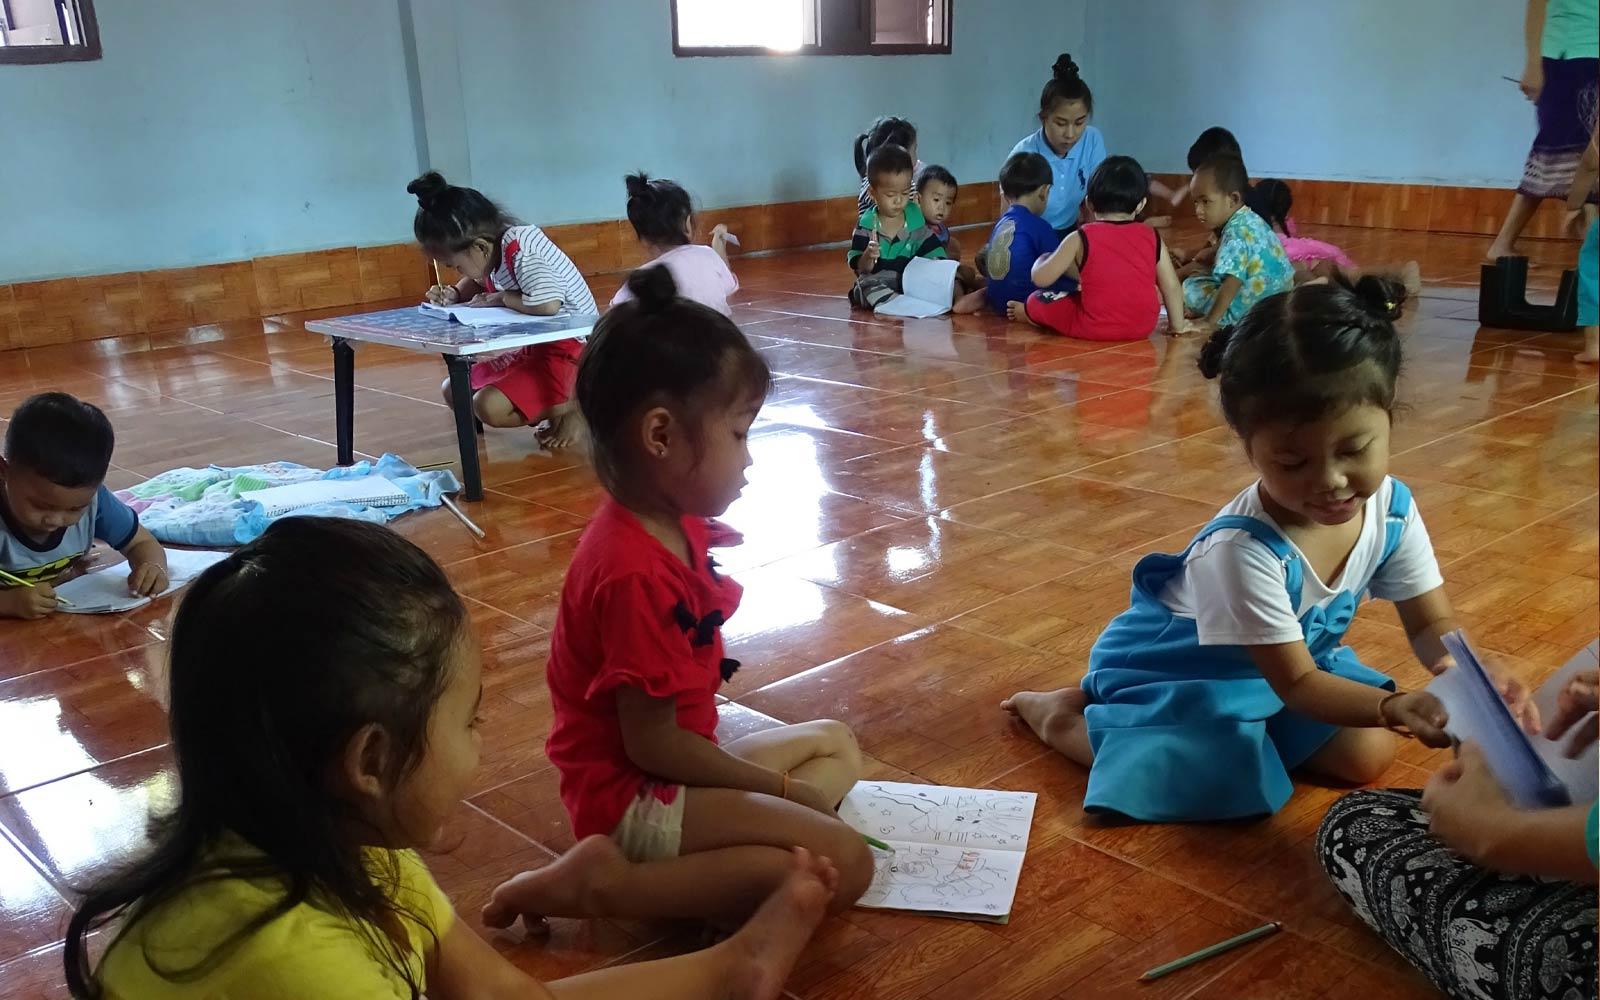 Kinder malen auf dem Boden